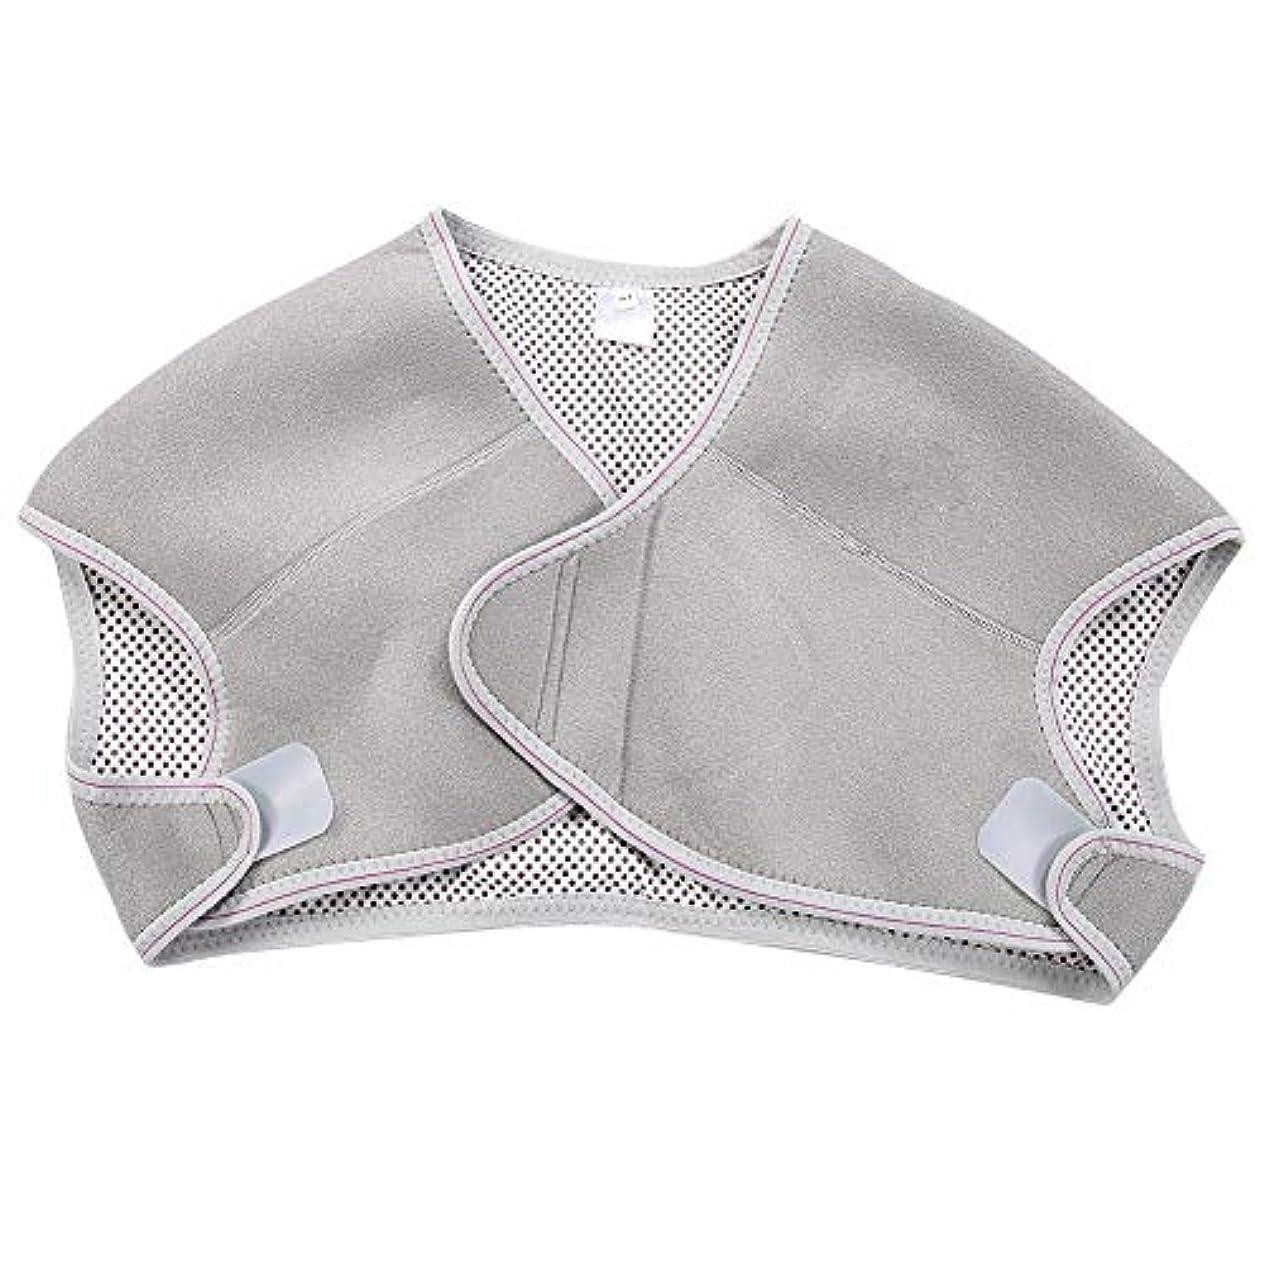 取得既婚解釈TOPINCN 肩パッド 発熱療法磁気ショルダーパッド 肩 温め ホット 血行促進 ホット 痛み解消 着脱 簡単 男女兼用 調節可能 自己発熱(M)